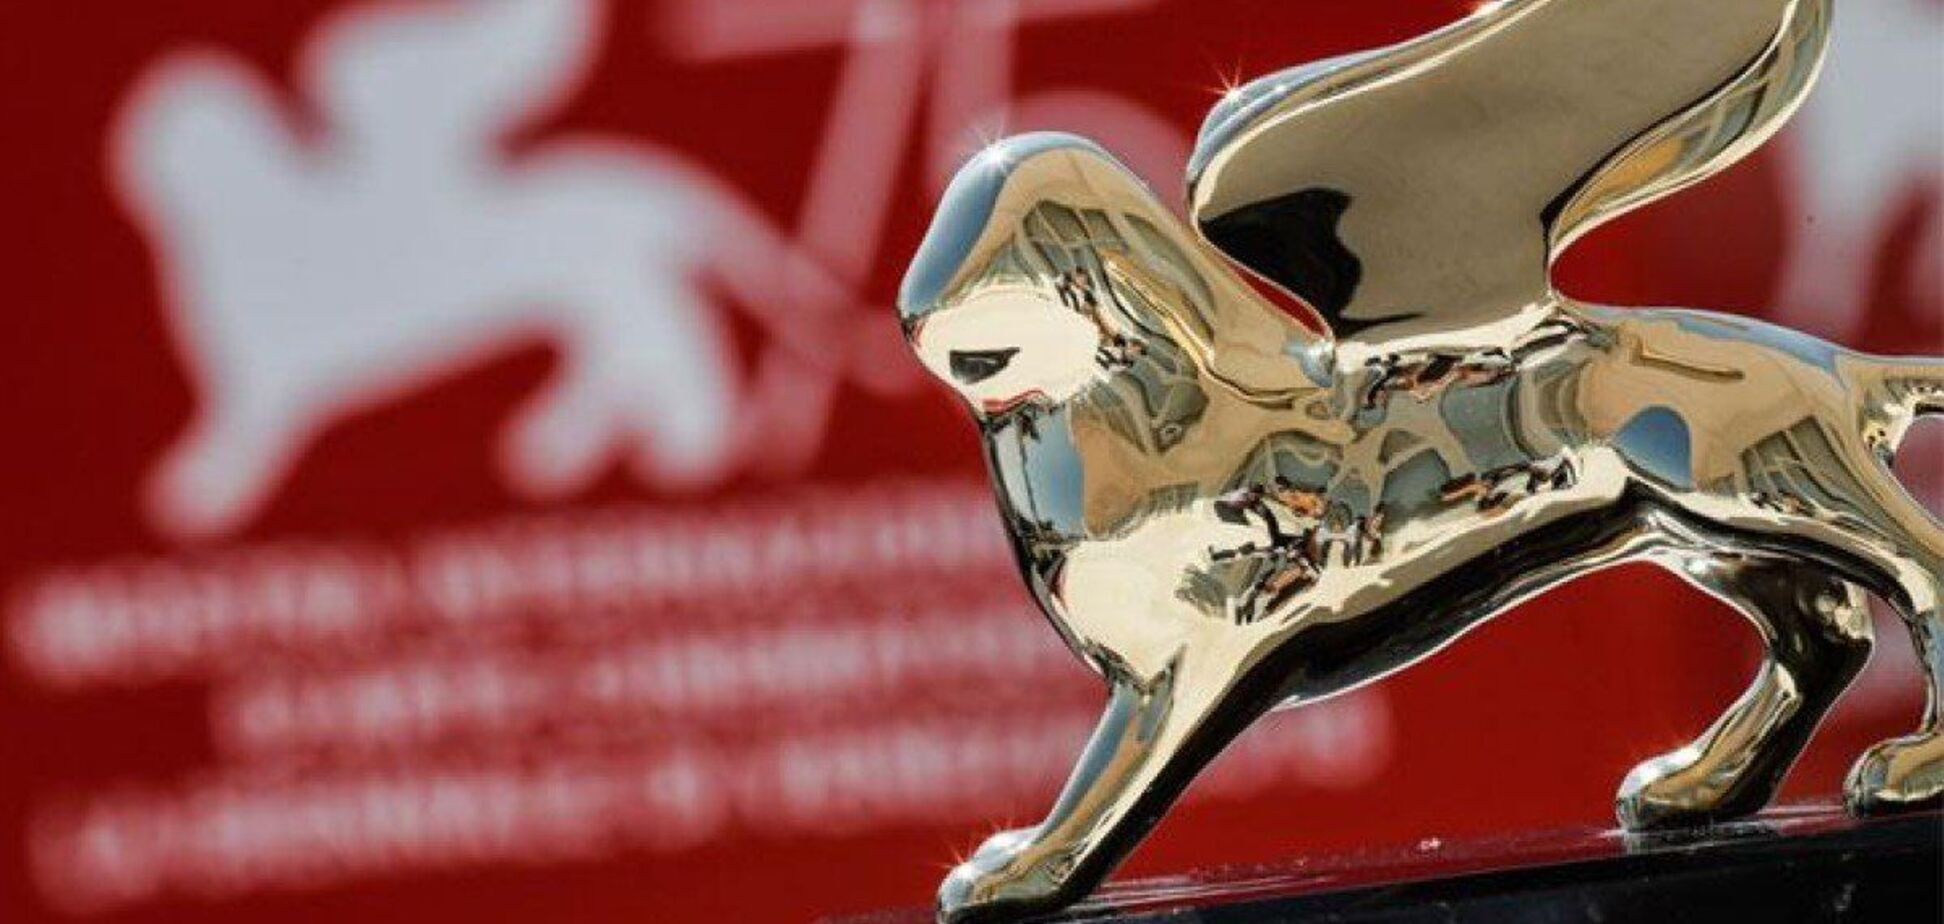 Головну нагороду Венеціанського кінофестивалю 2020 отримав фільм 'Земля кочівників'. Фото і відео